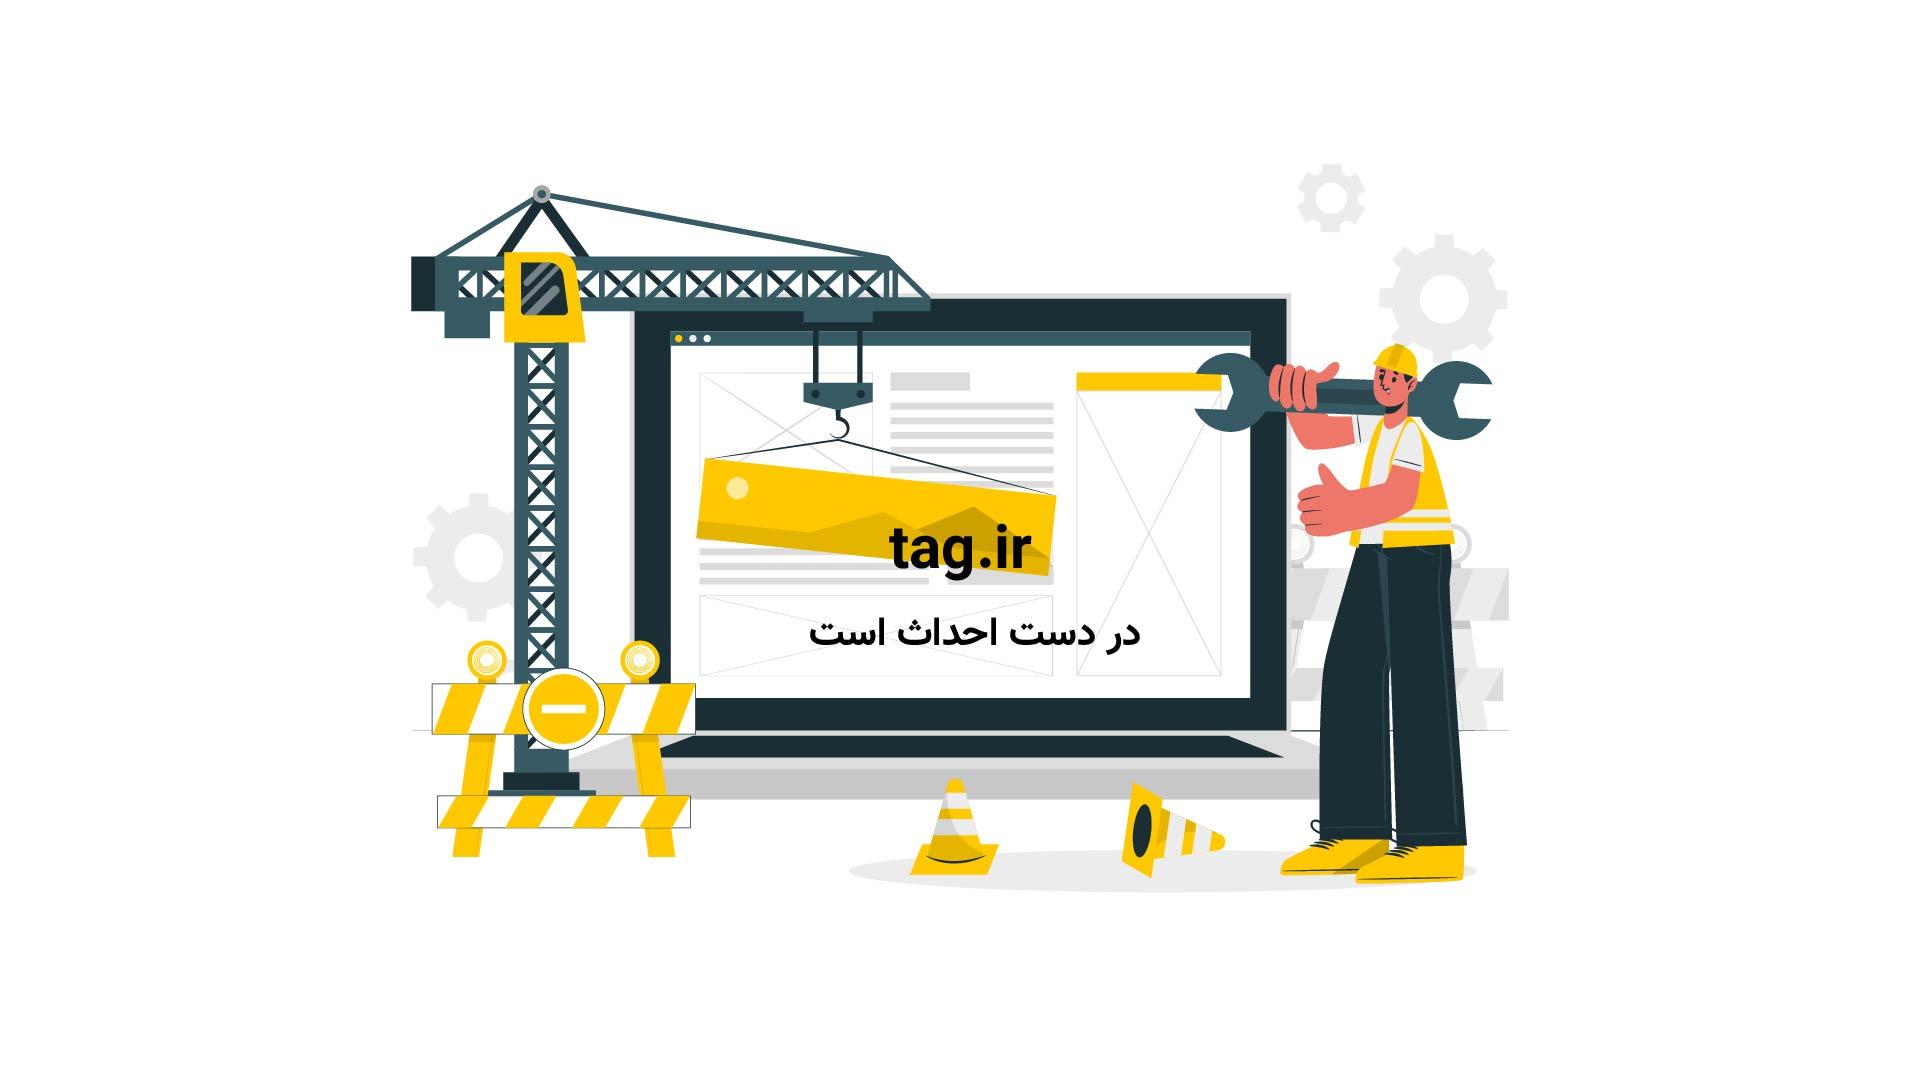 پل نادری در استان تردبیل | تگ